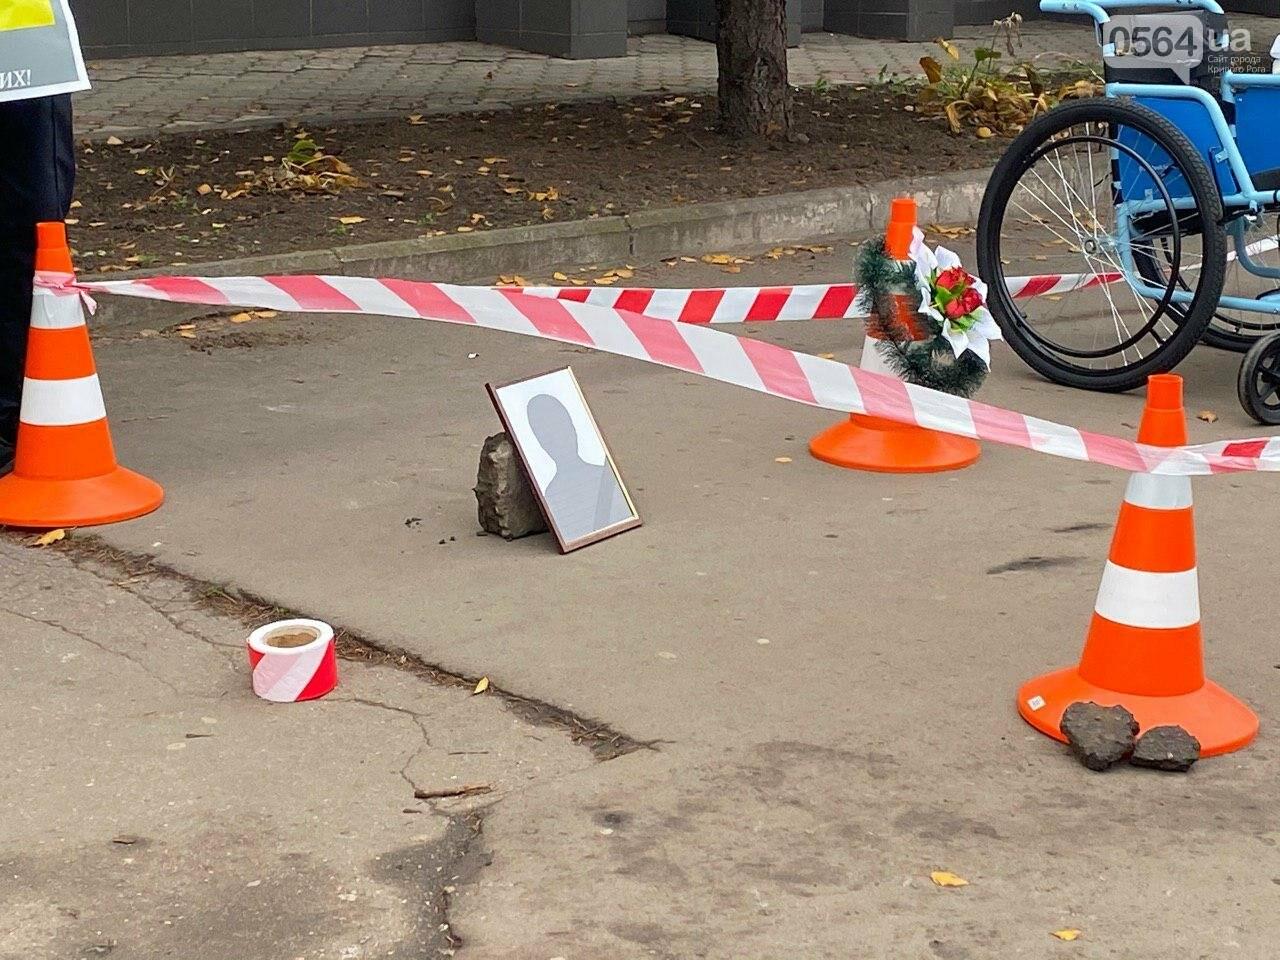 На центральном проспекте в Кривом Роге устроили молчаливый протест, - ФОТО, ВИДЕО, фото-9